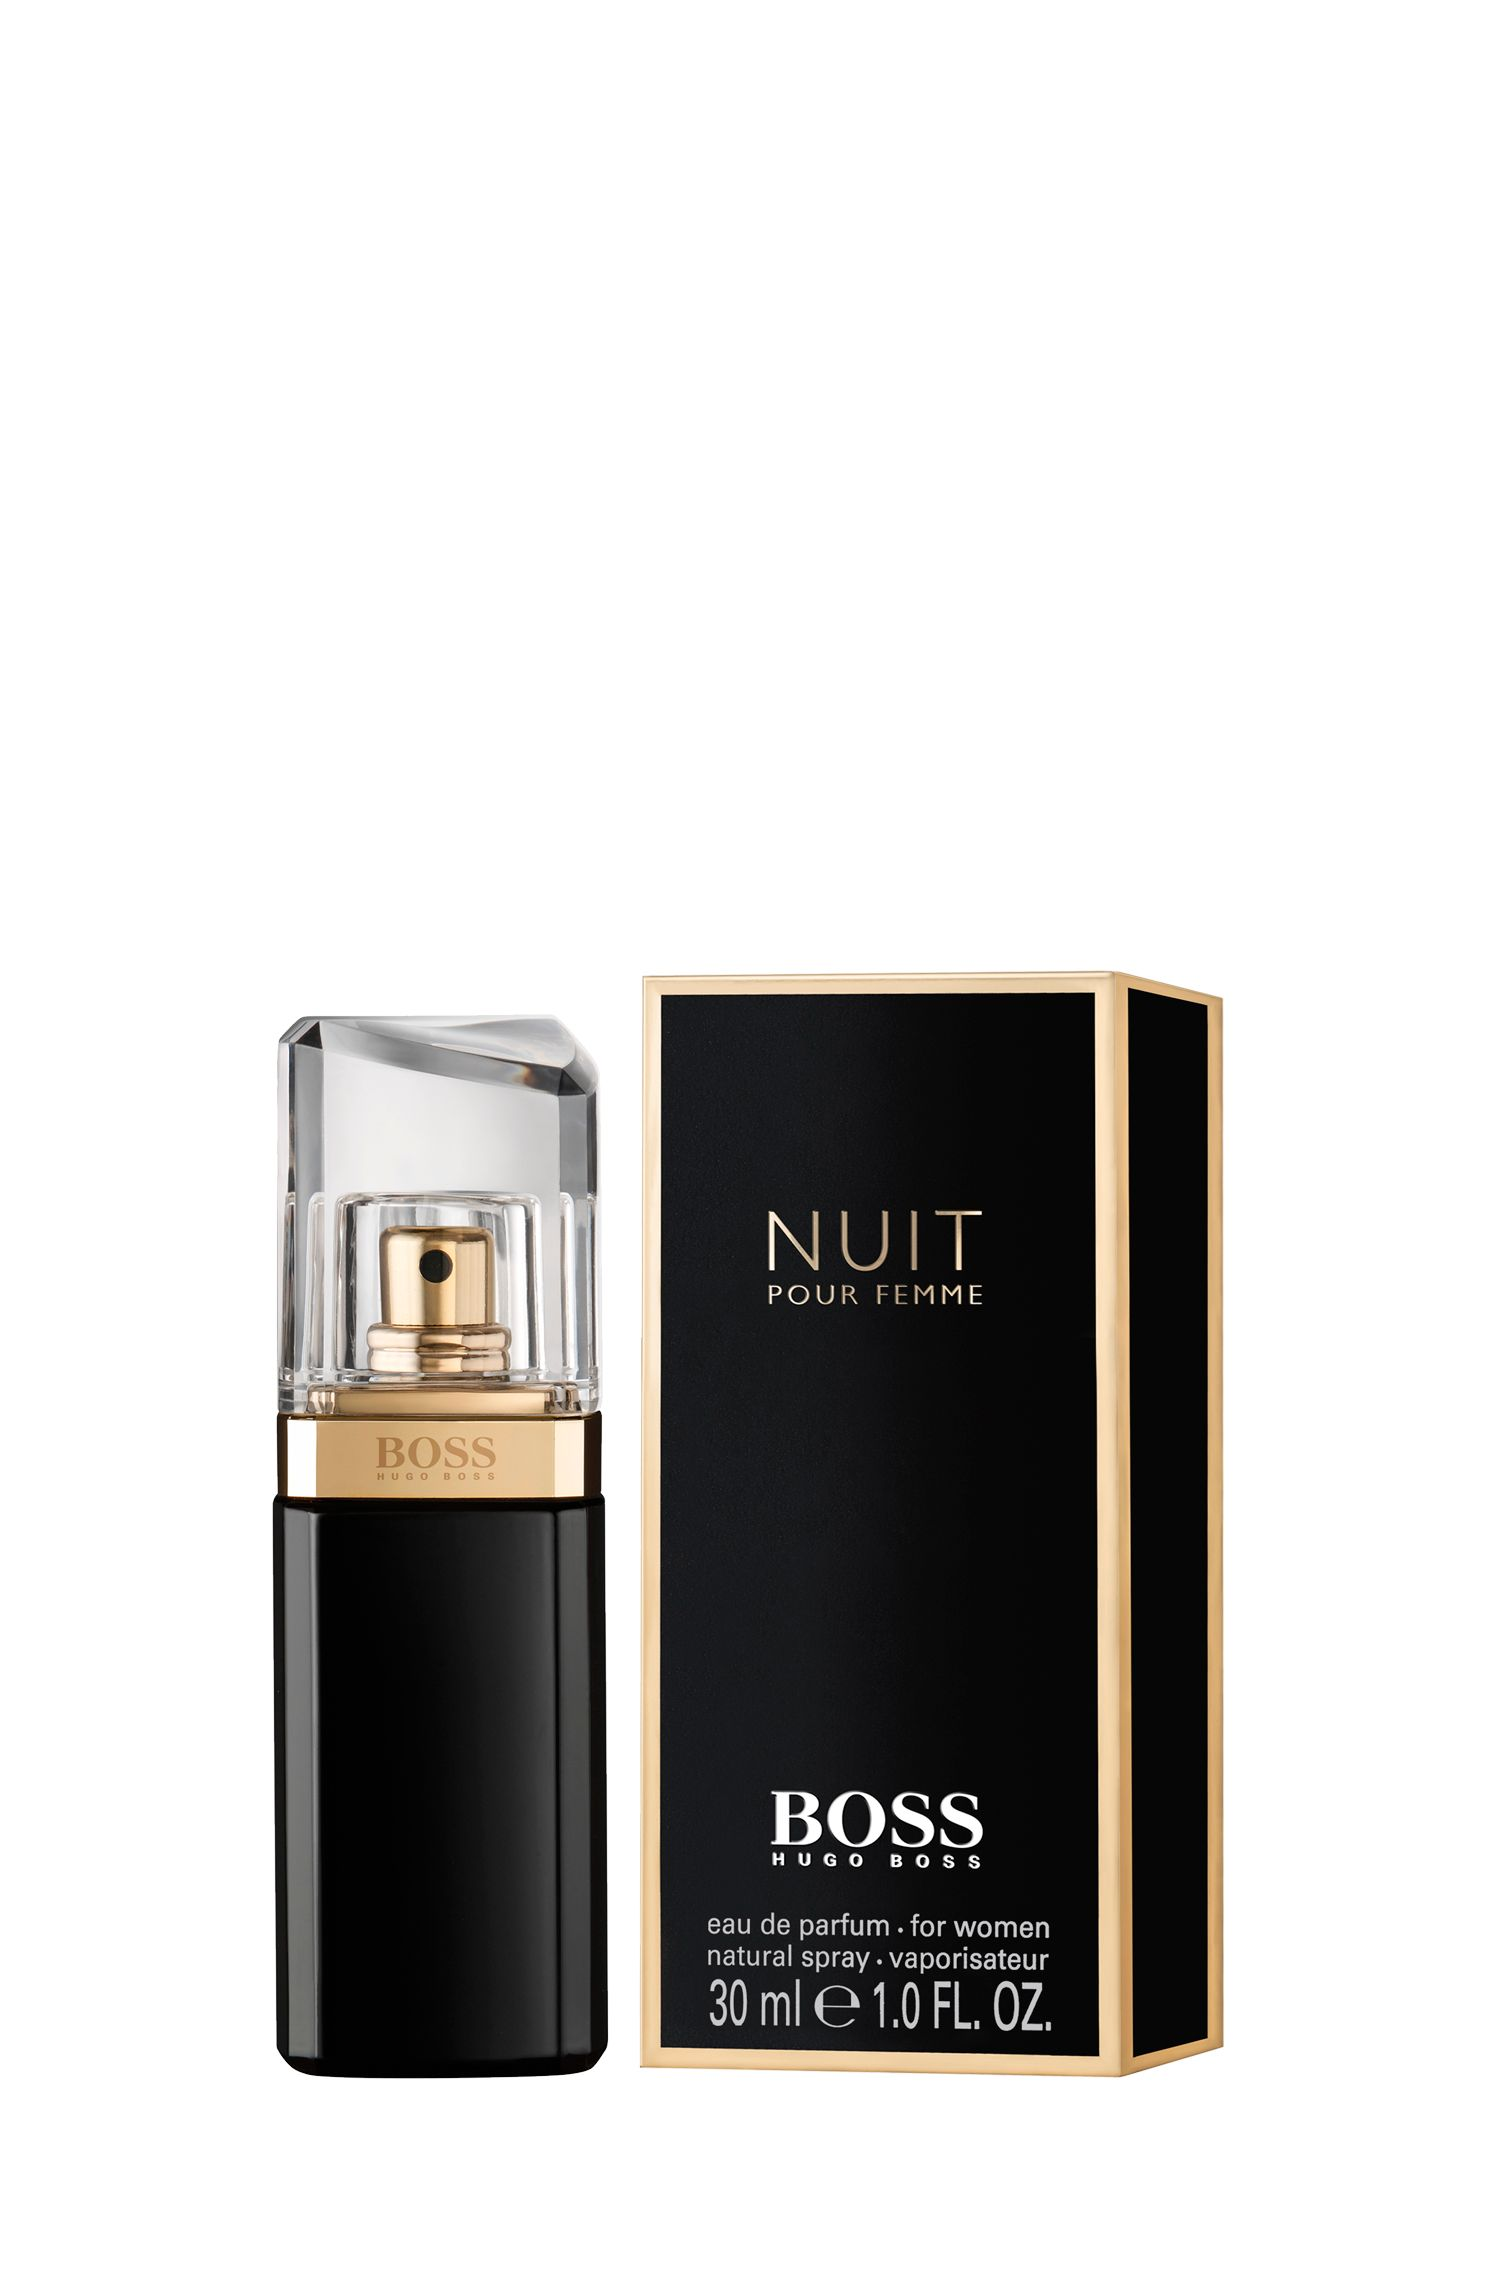 BOSS Nuit pour femme eau de parfum 30ml, Assorted-Pre-Pack